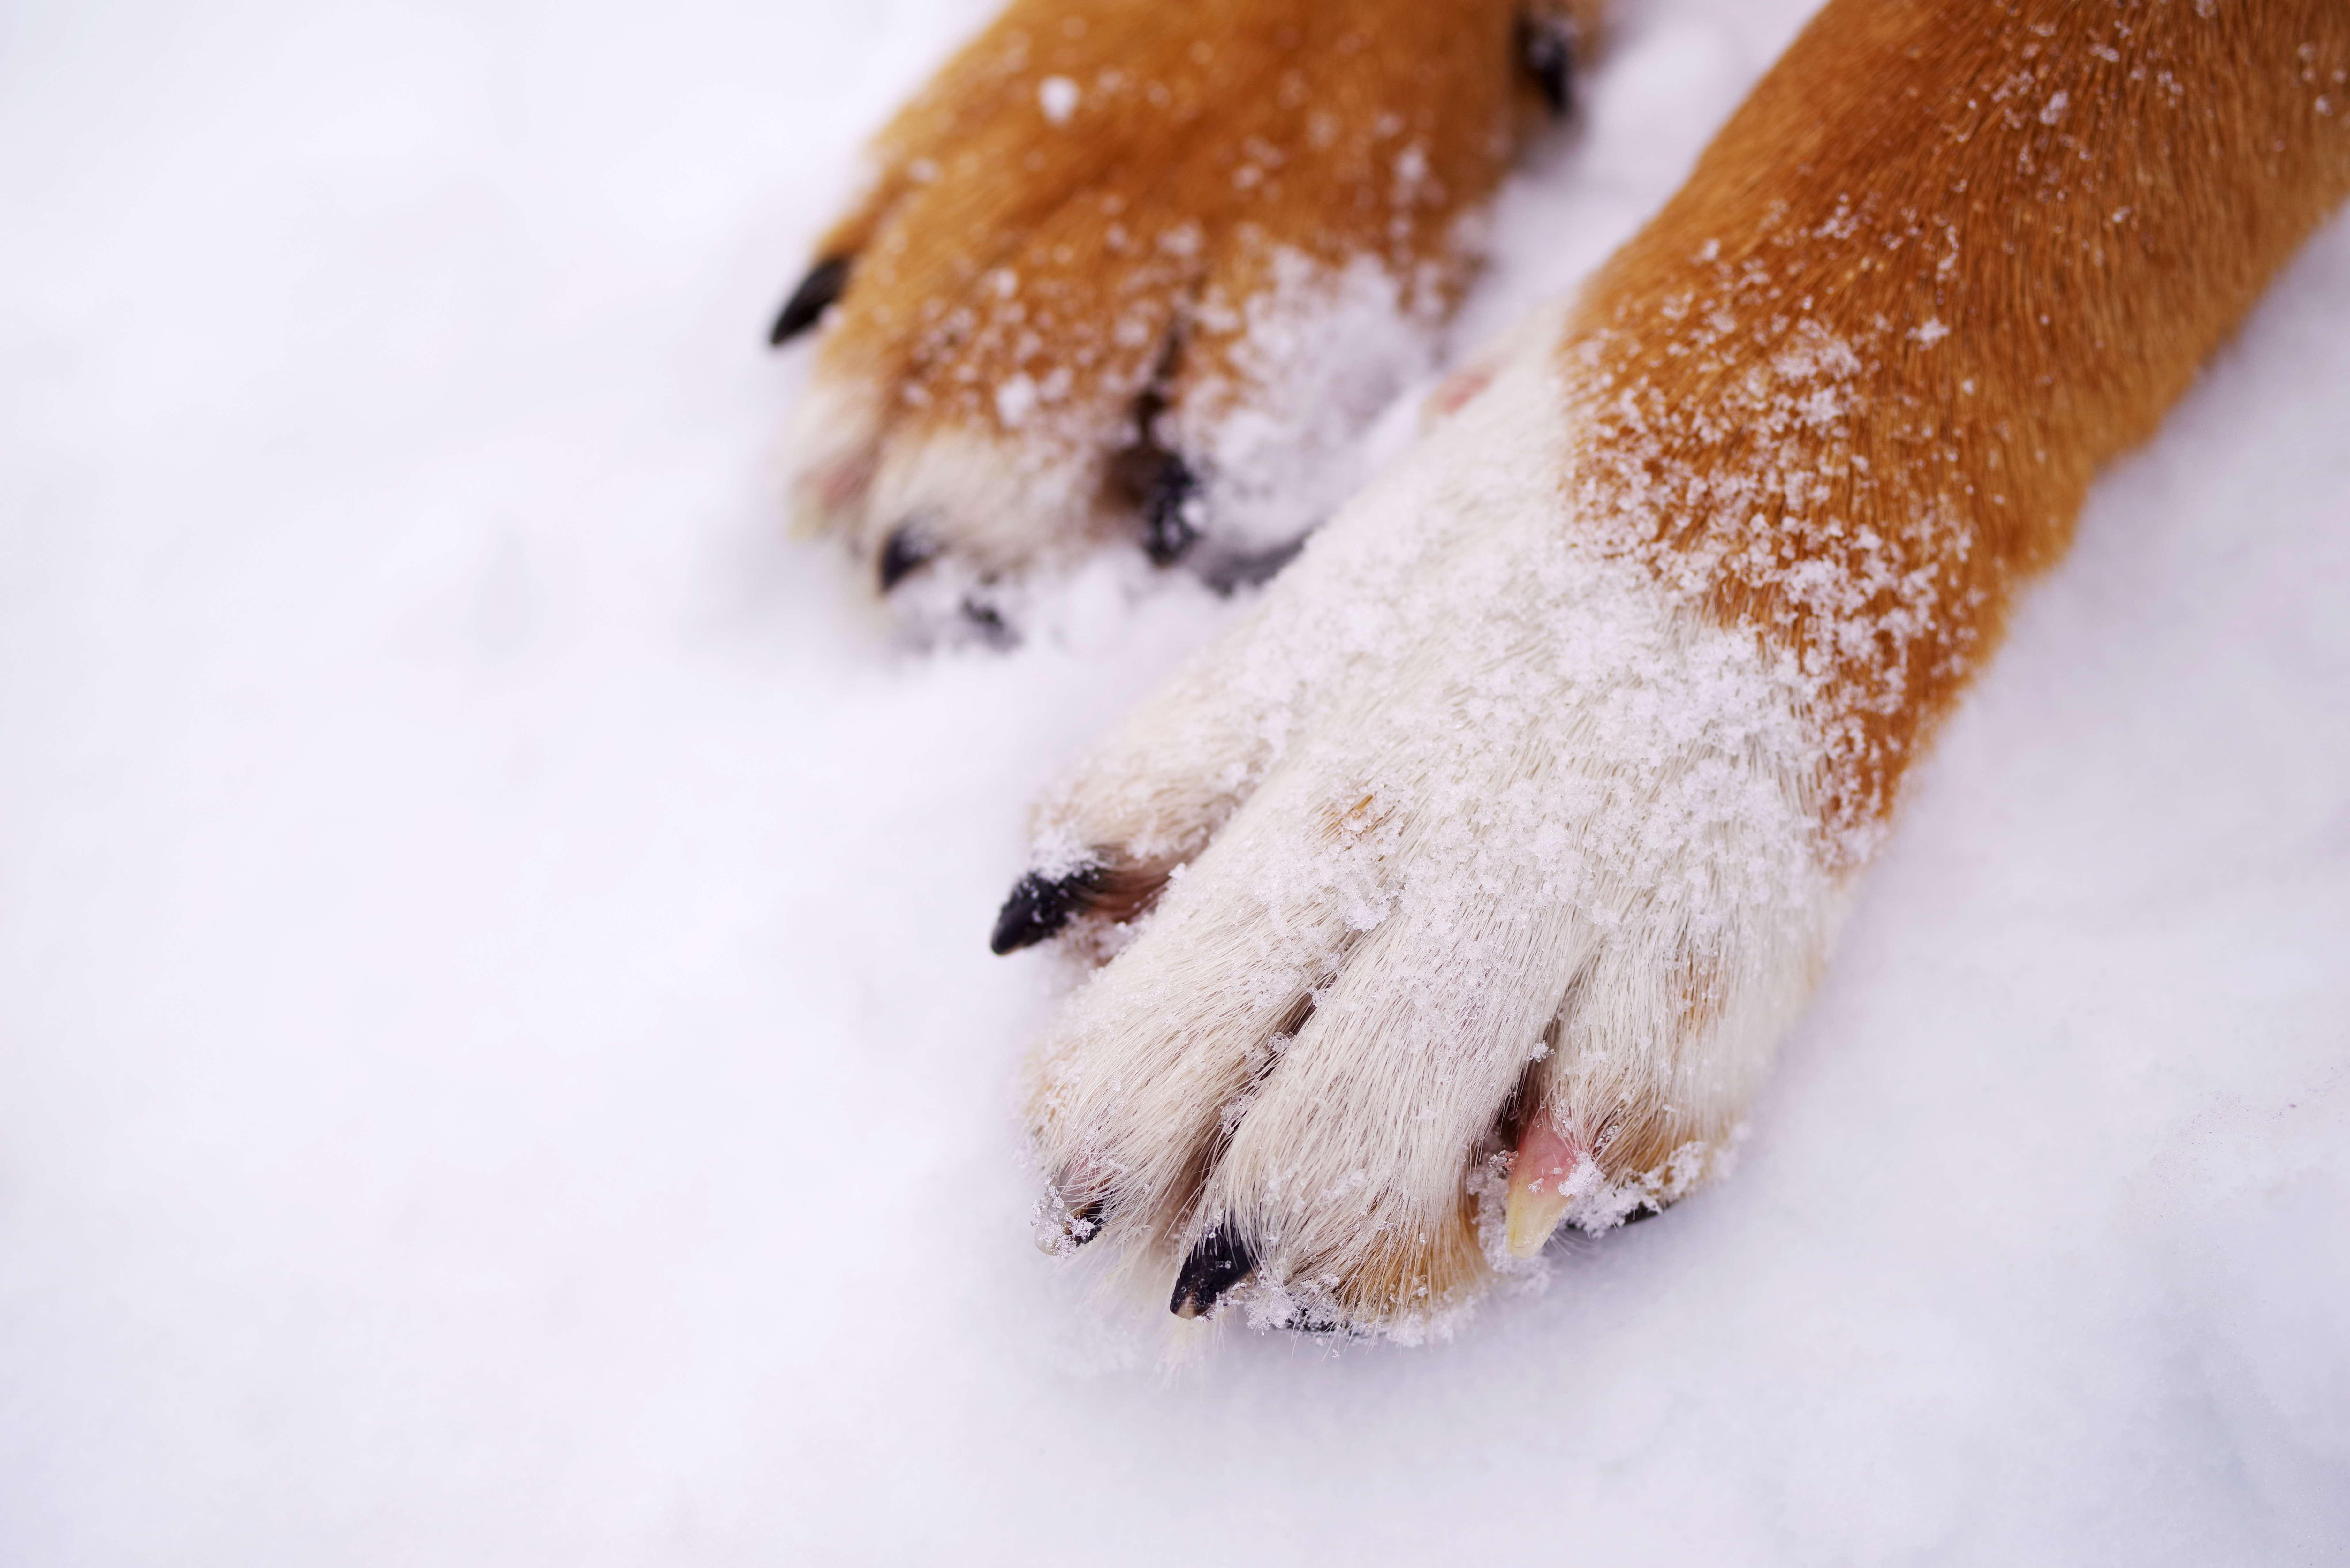 psie łapki zimą na śniegu